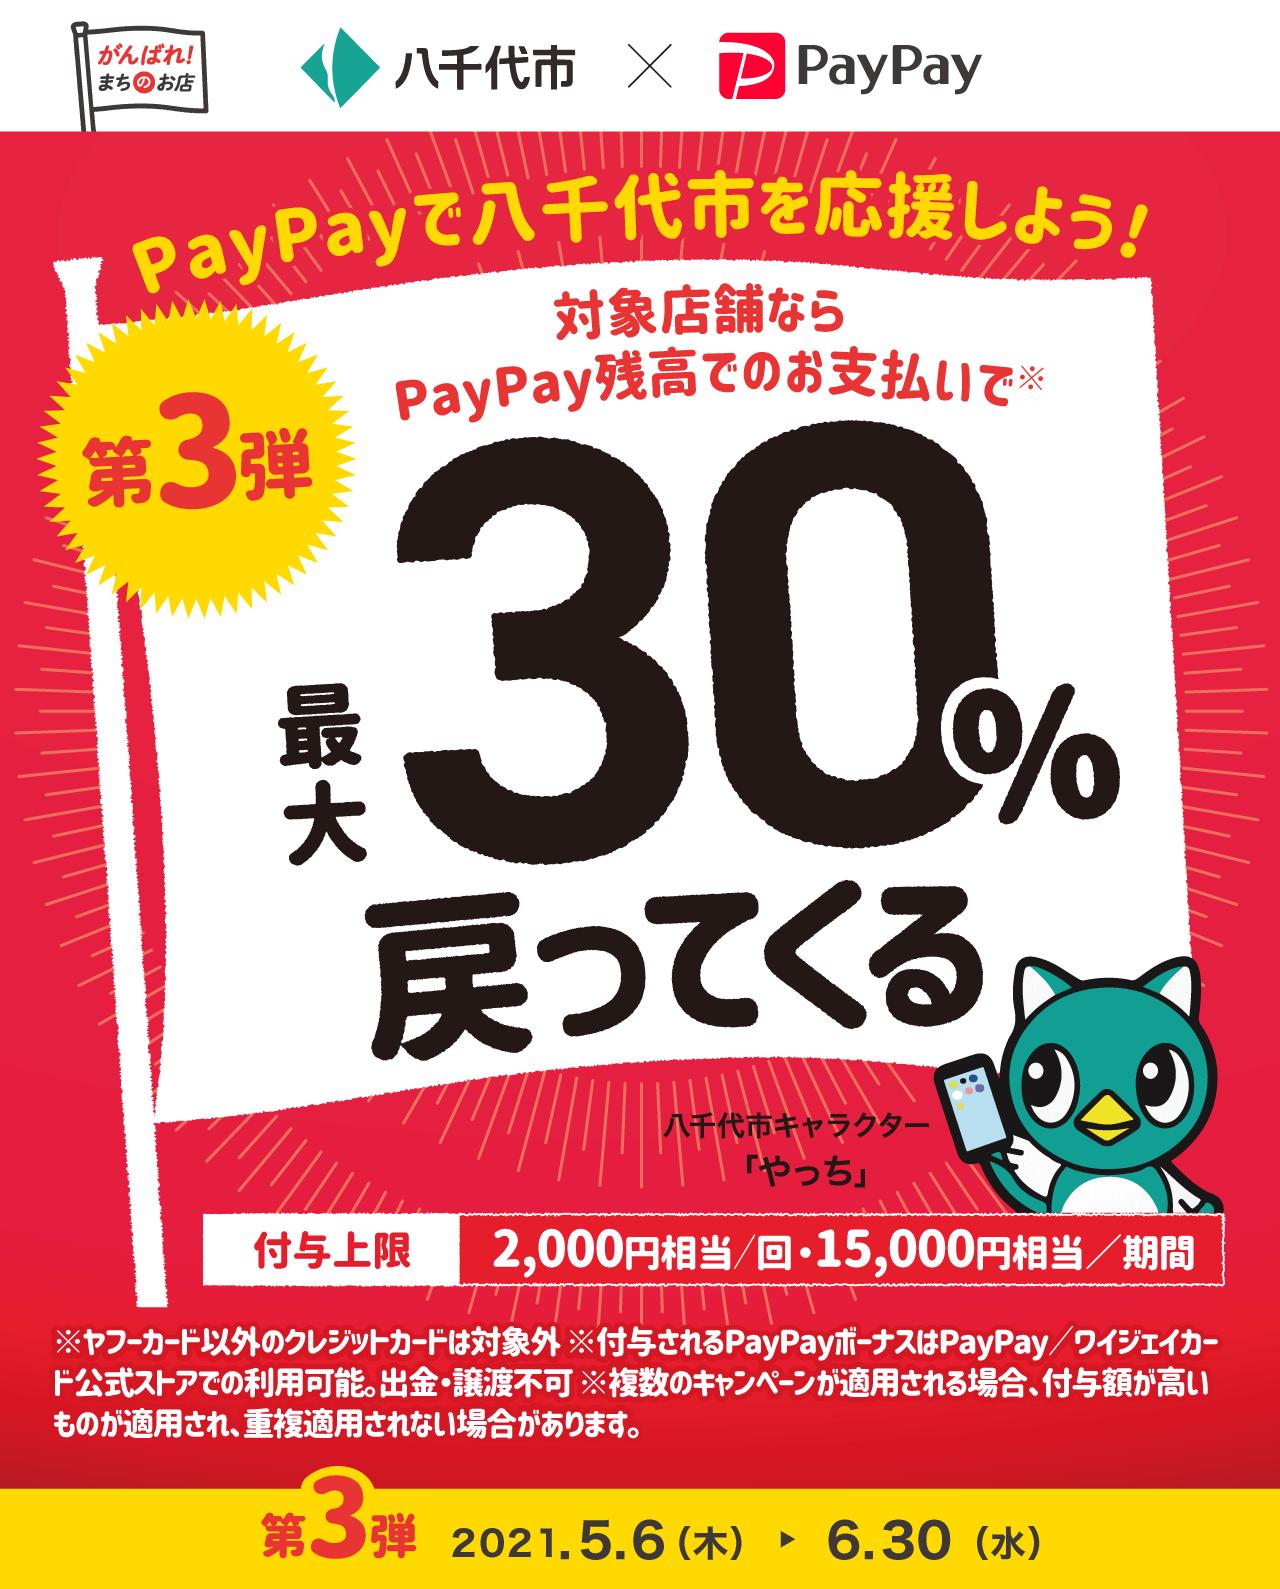 PayPayで八千代市を応援しよう! 第3弾 対象店舗ならPayPay残高でのお支払いで最大30%戻ってくる